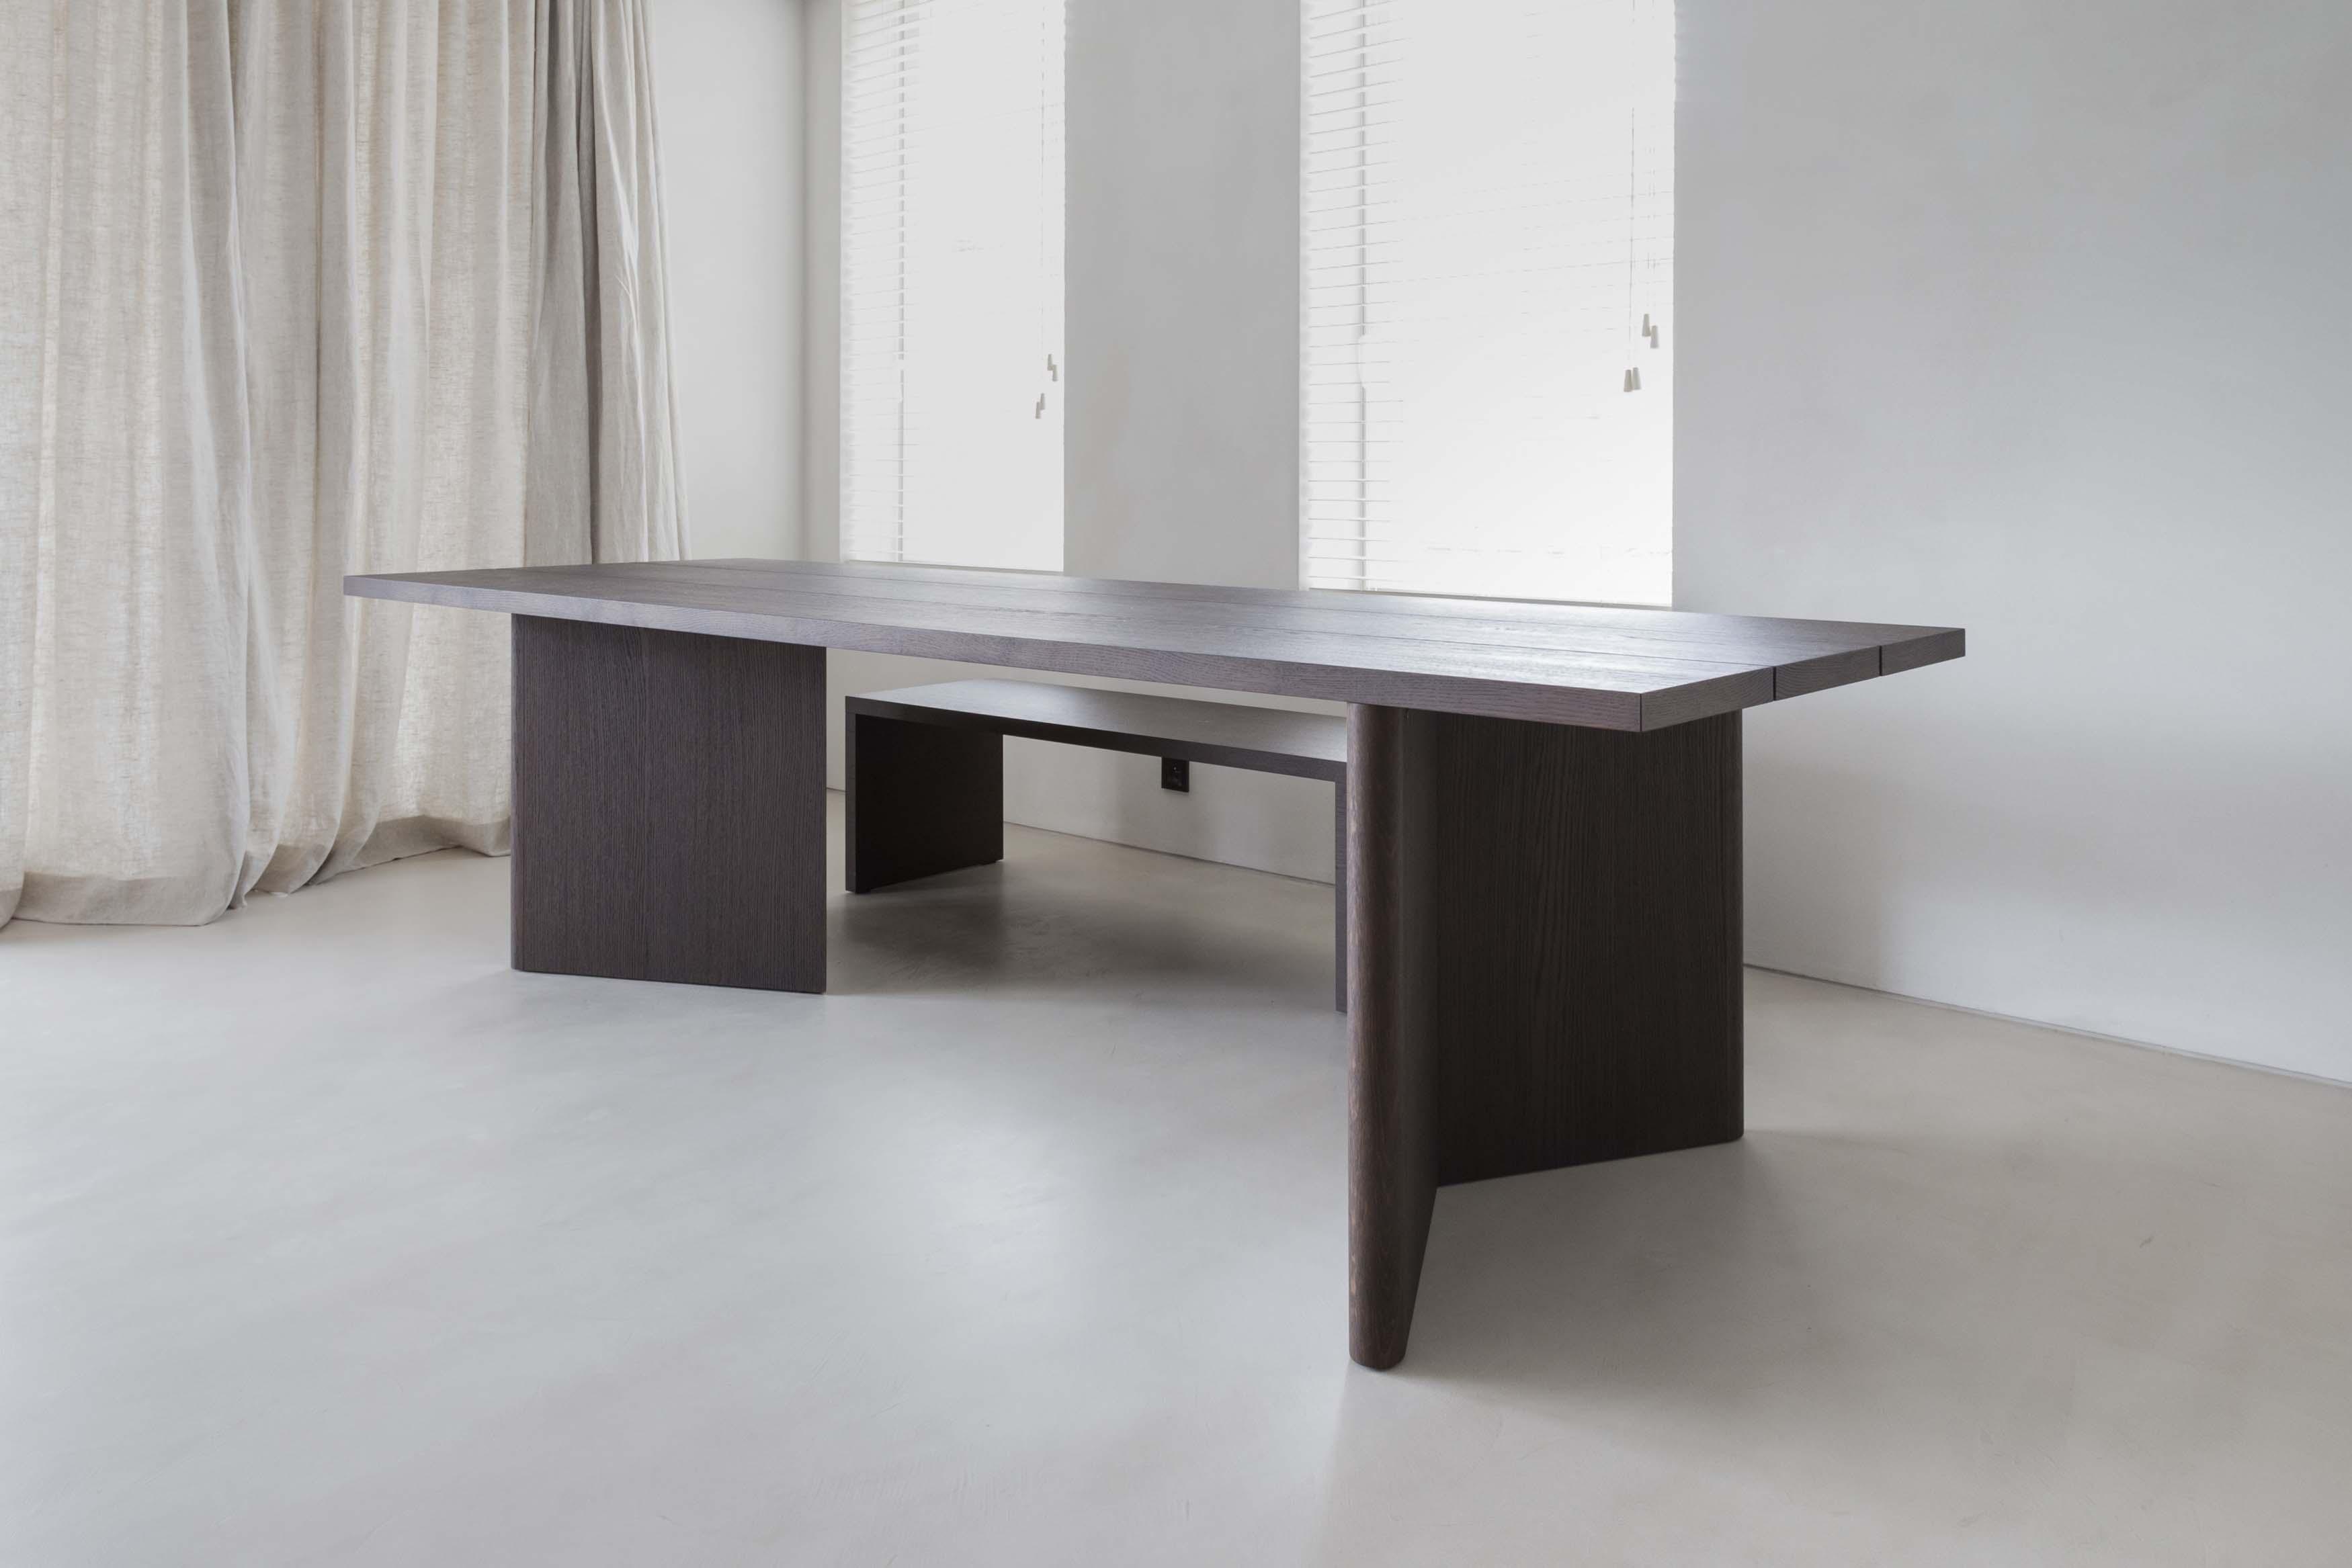 Vanda-projects-interieurinrichting-meubelmakerij-west-vlaanderen-knokke-tafel-op-maat